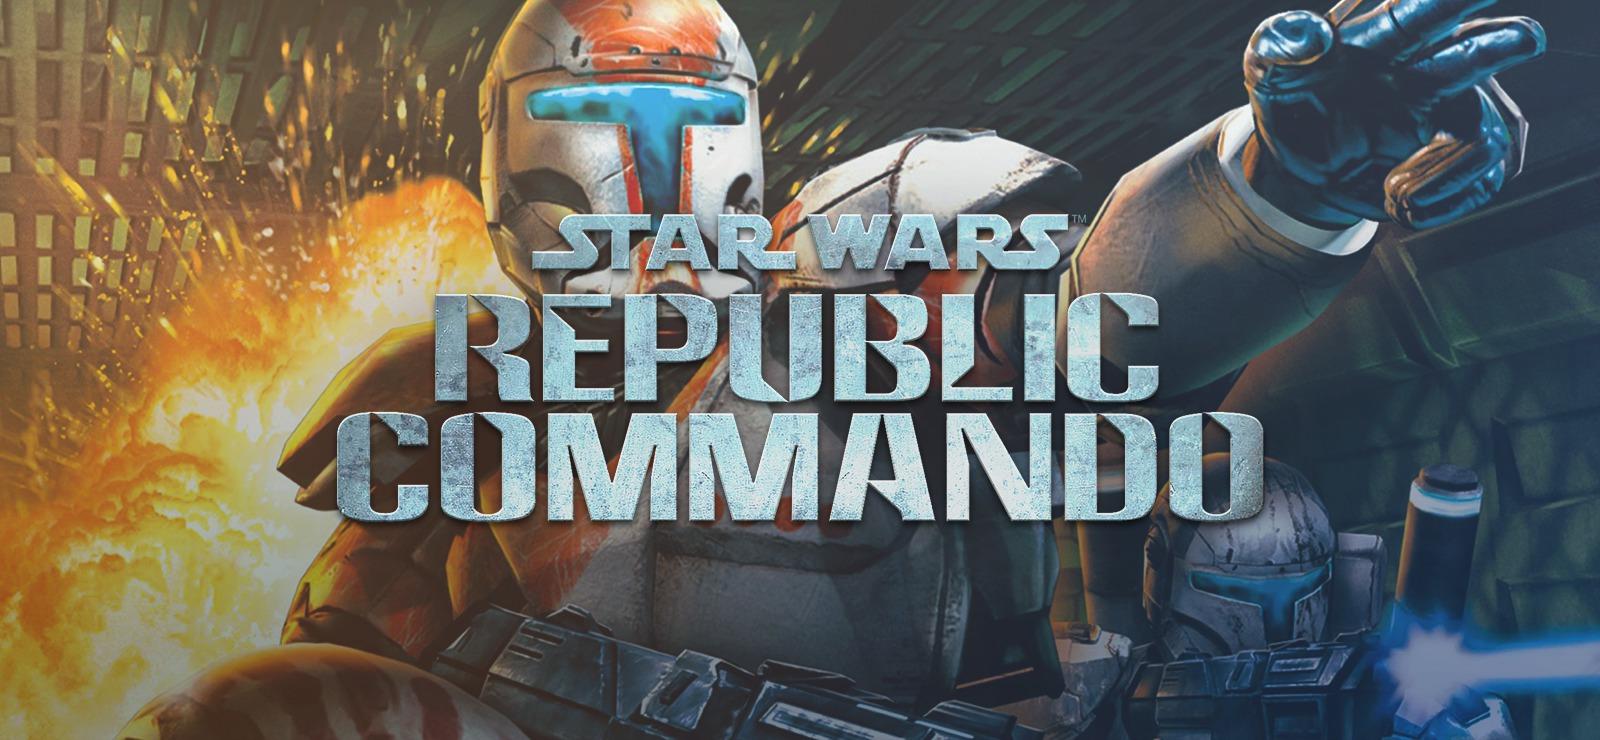 Вспоминая старые игры: Star Wars: Republic Commando. - Изображение 1